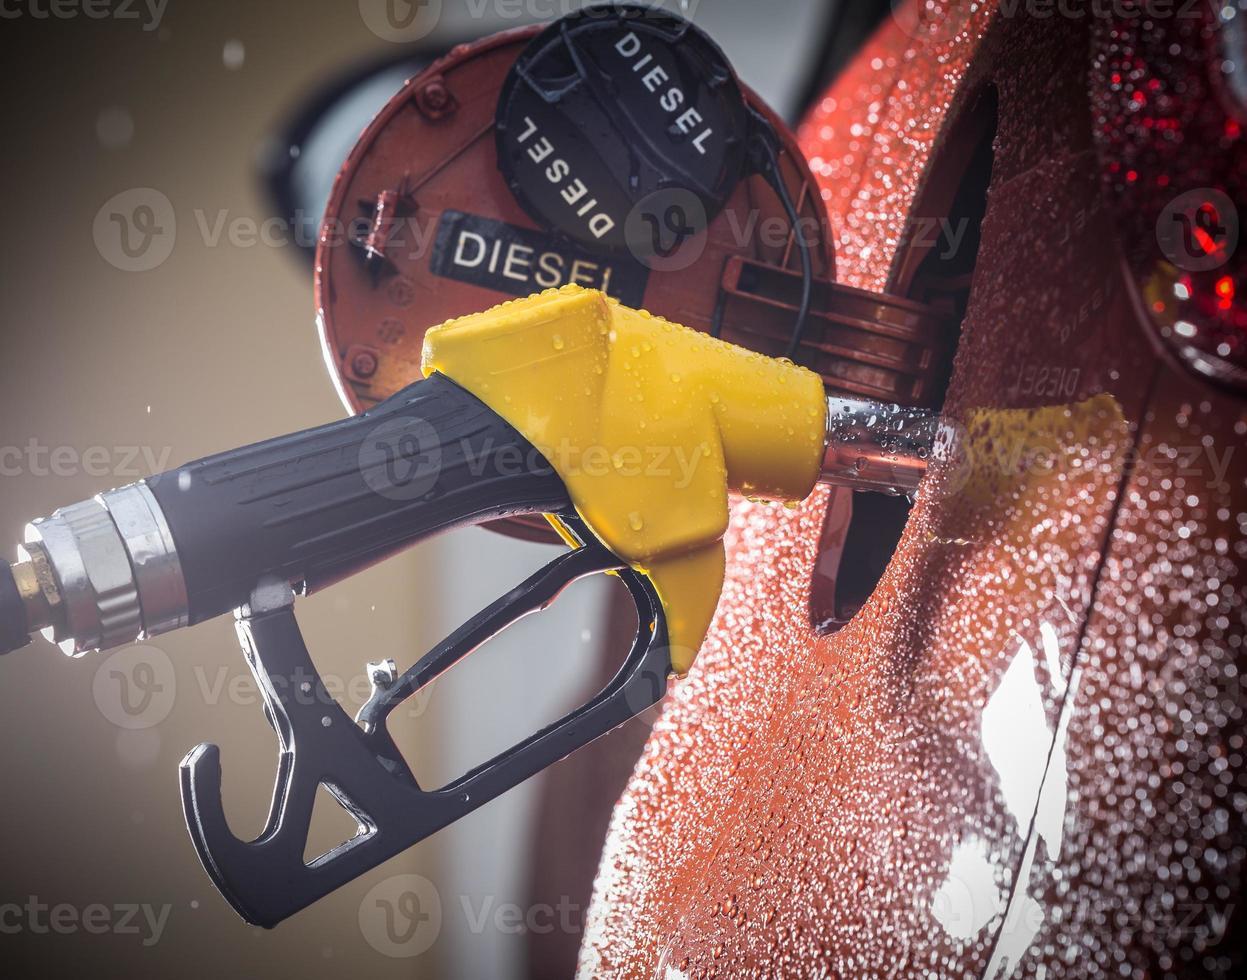 distributeur d'essence dans la voiture. photo